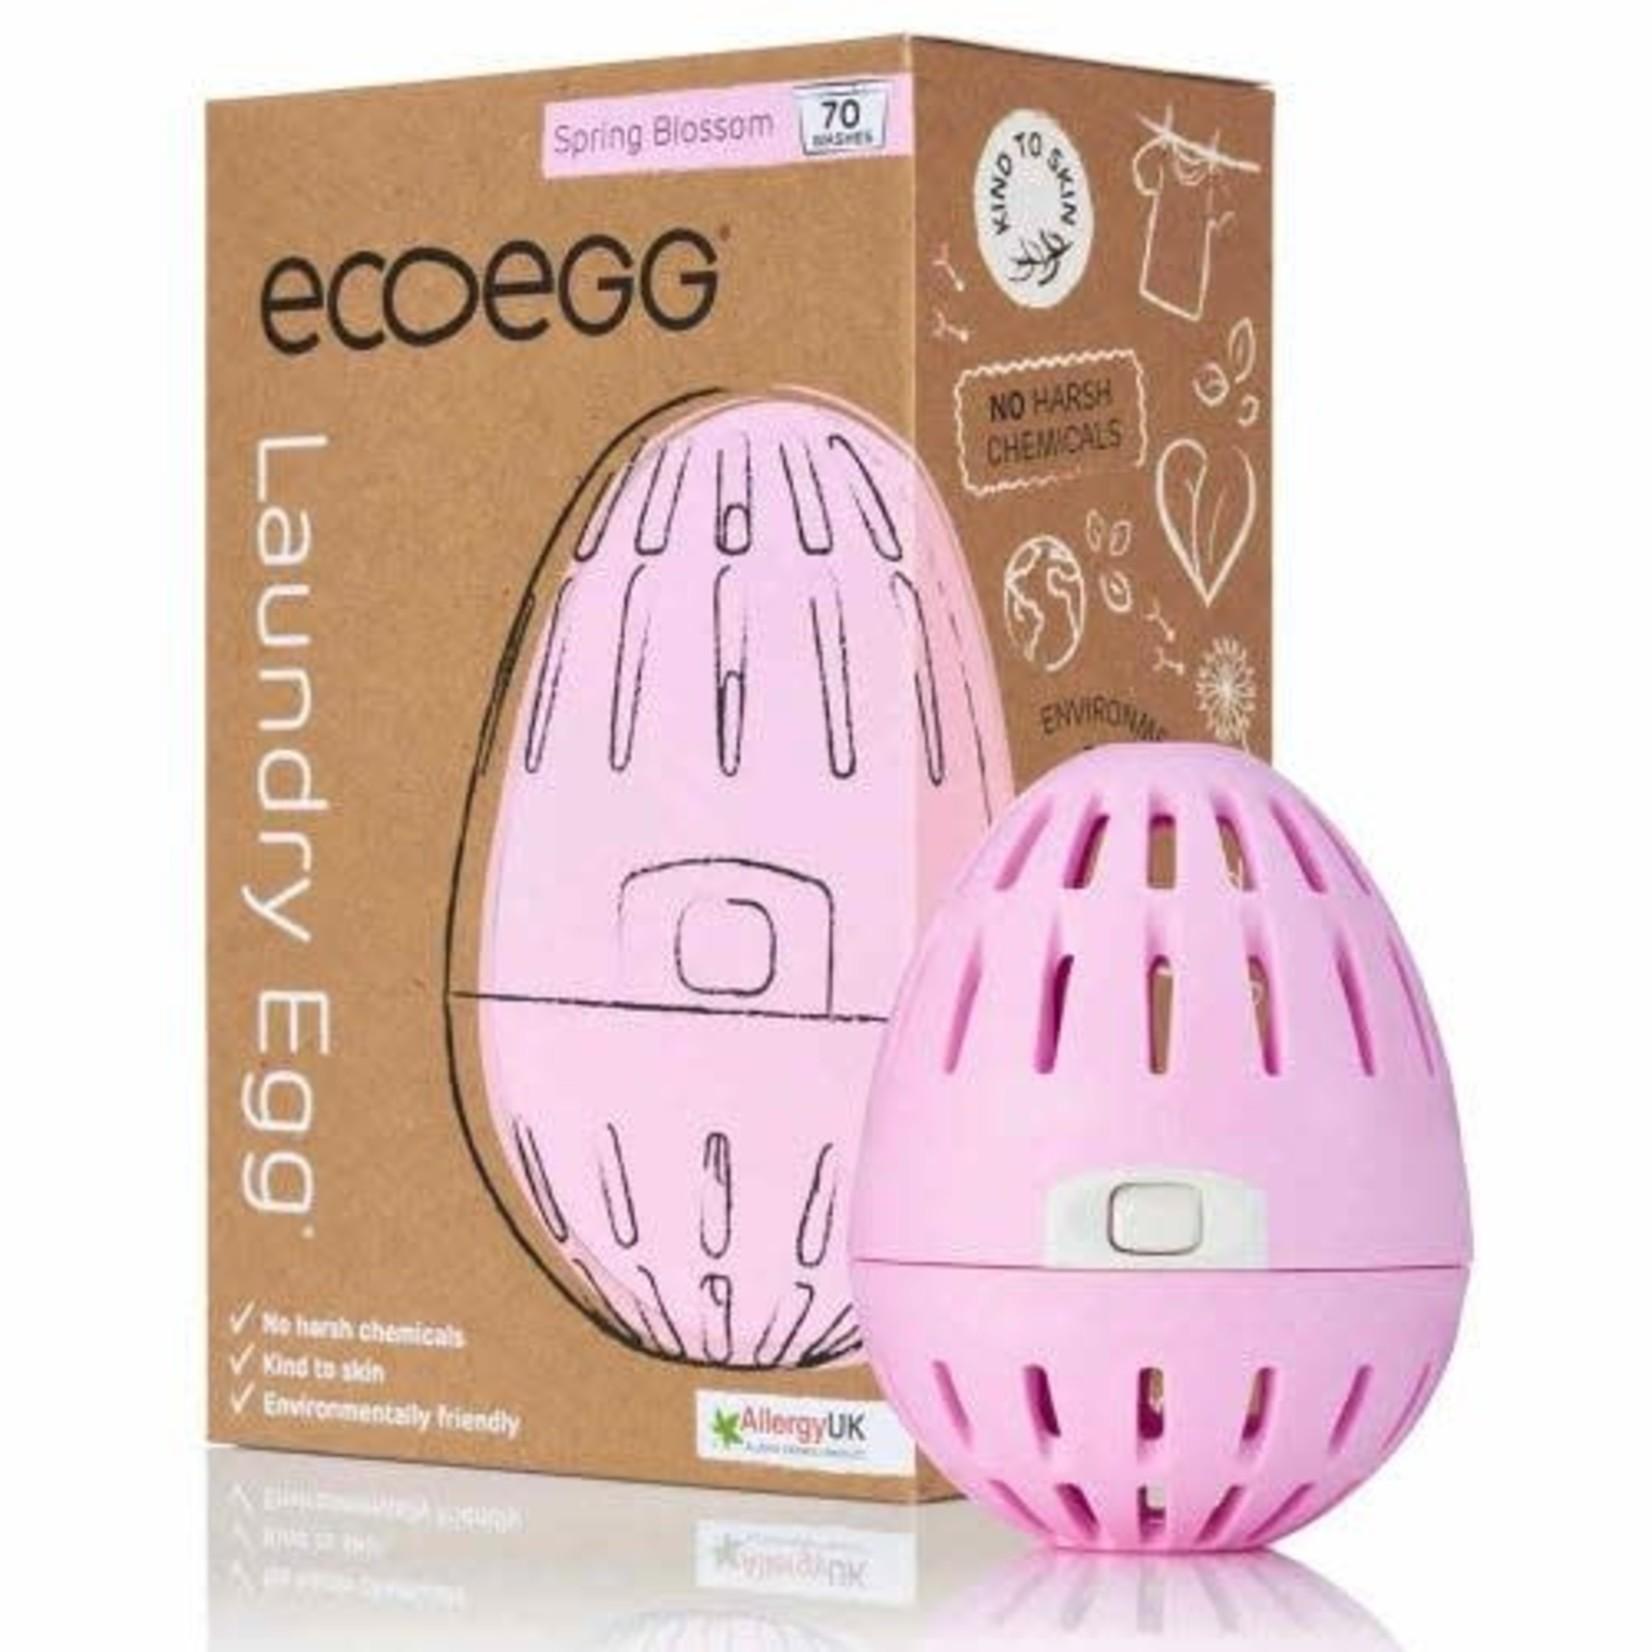 EcoEgg EcoEgg Laundry Egg 70 wash